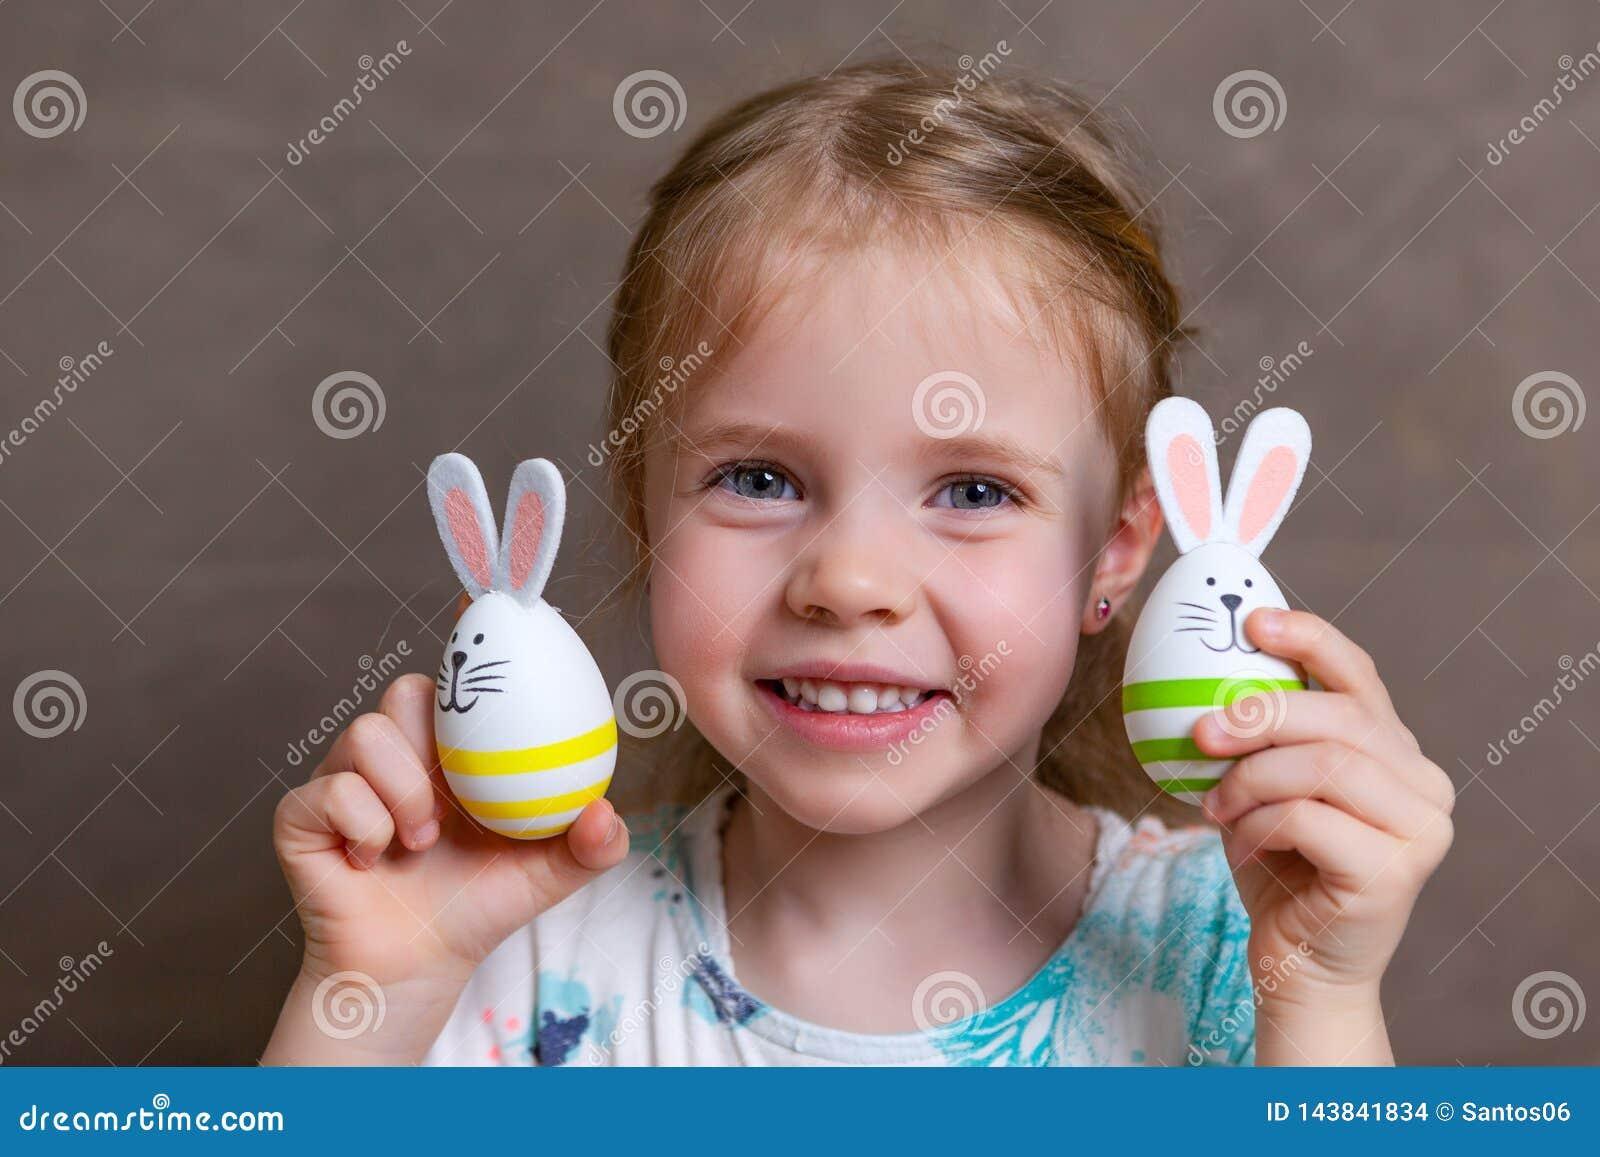 Little girl easter bunny eggs